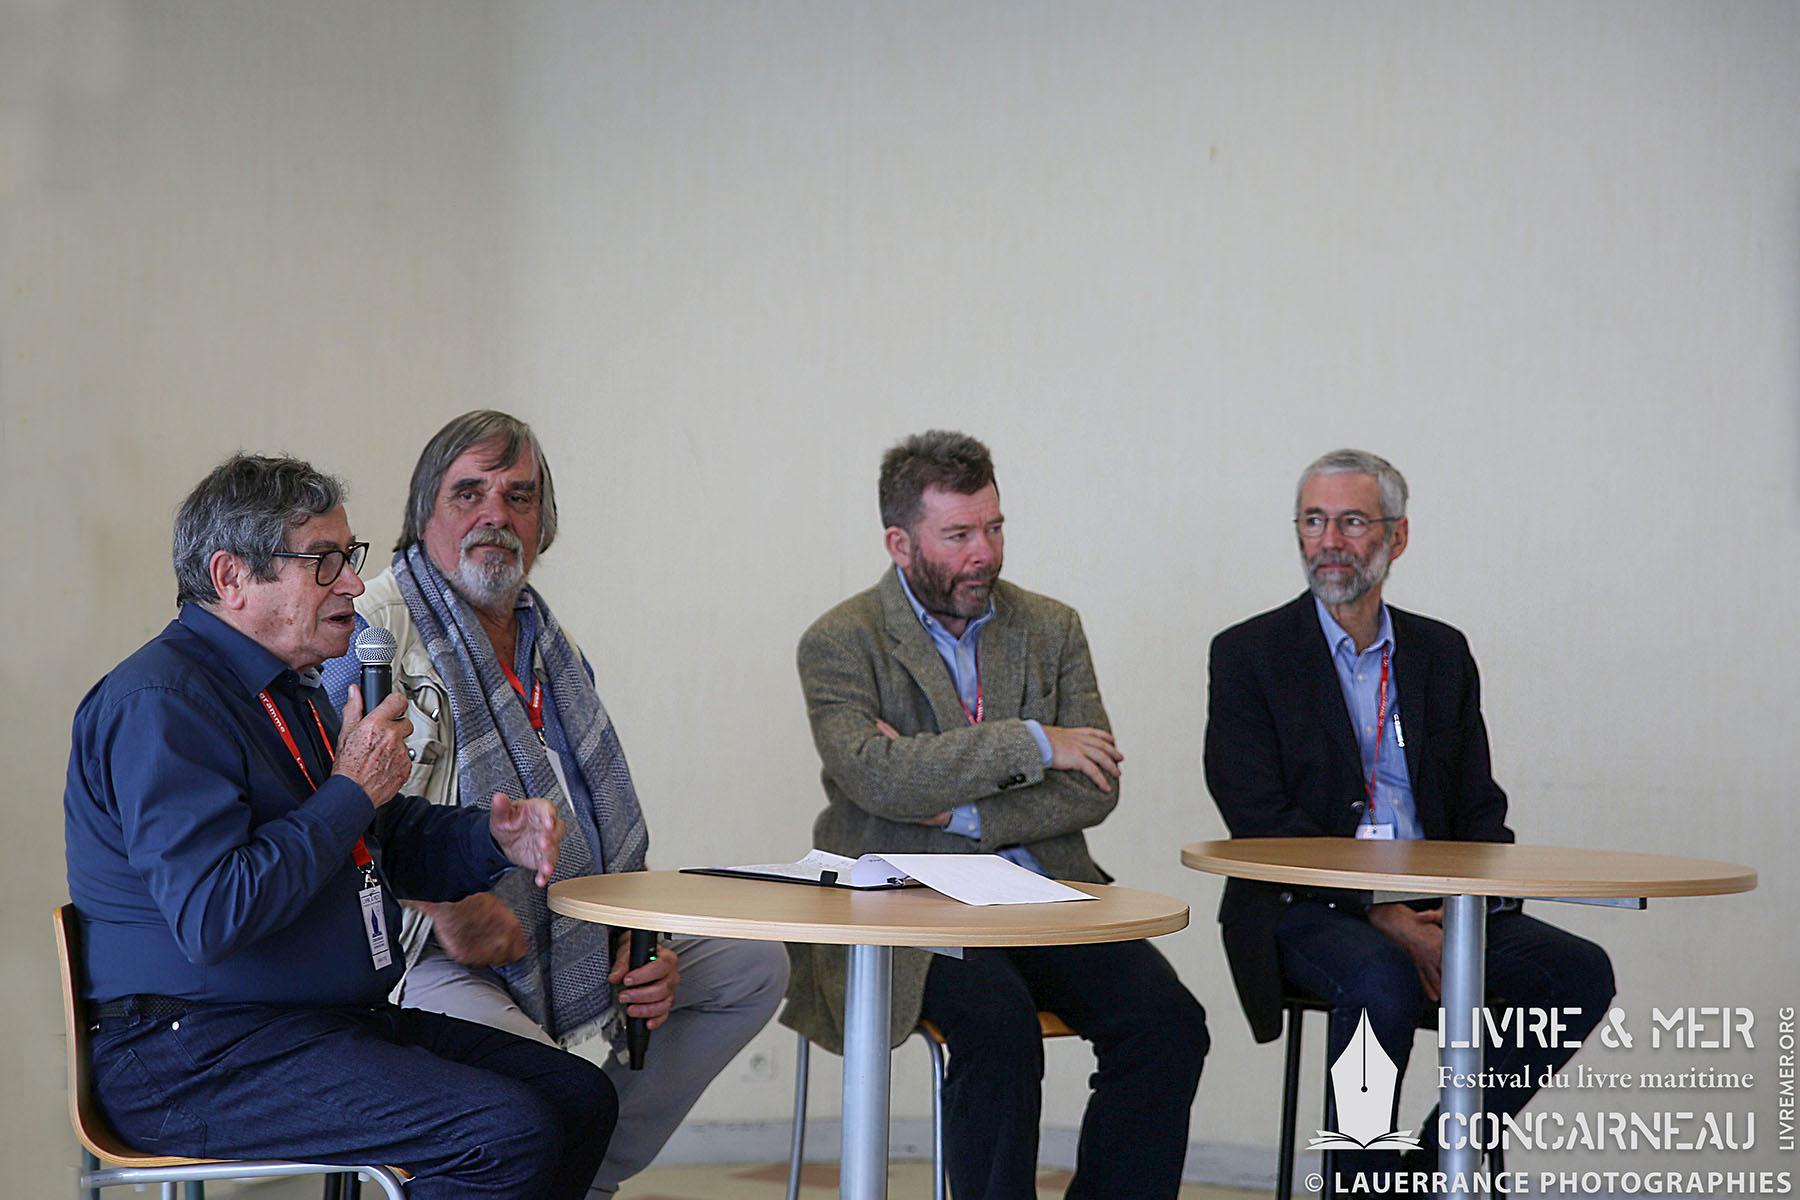 François Bellec, Patrice Lemonnier, Dominique Le Brun & Bernard Jimenez © Lauerrance Photographies